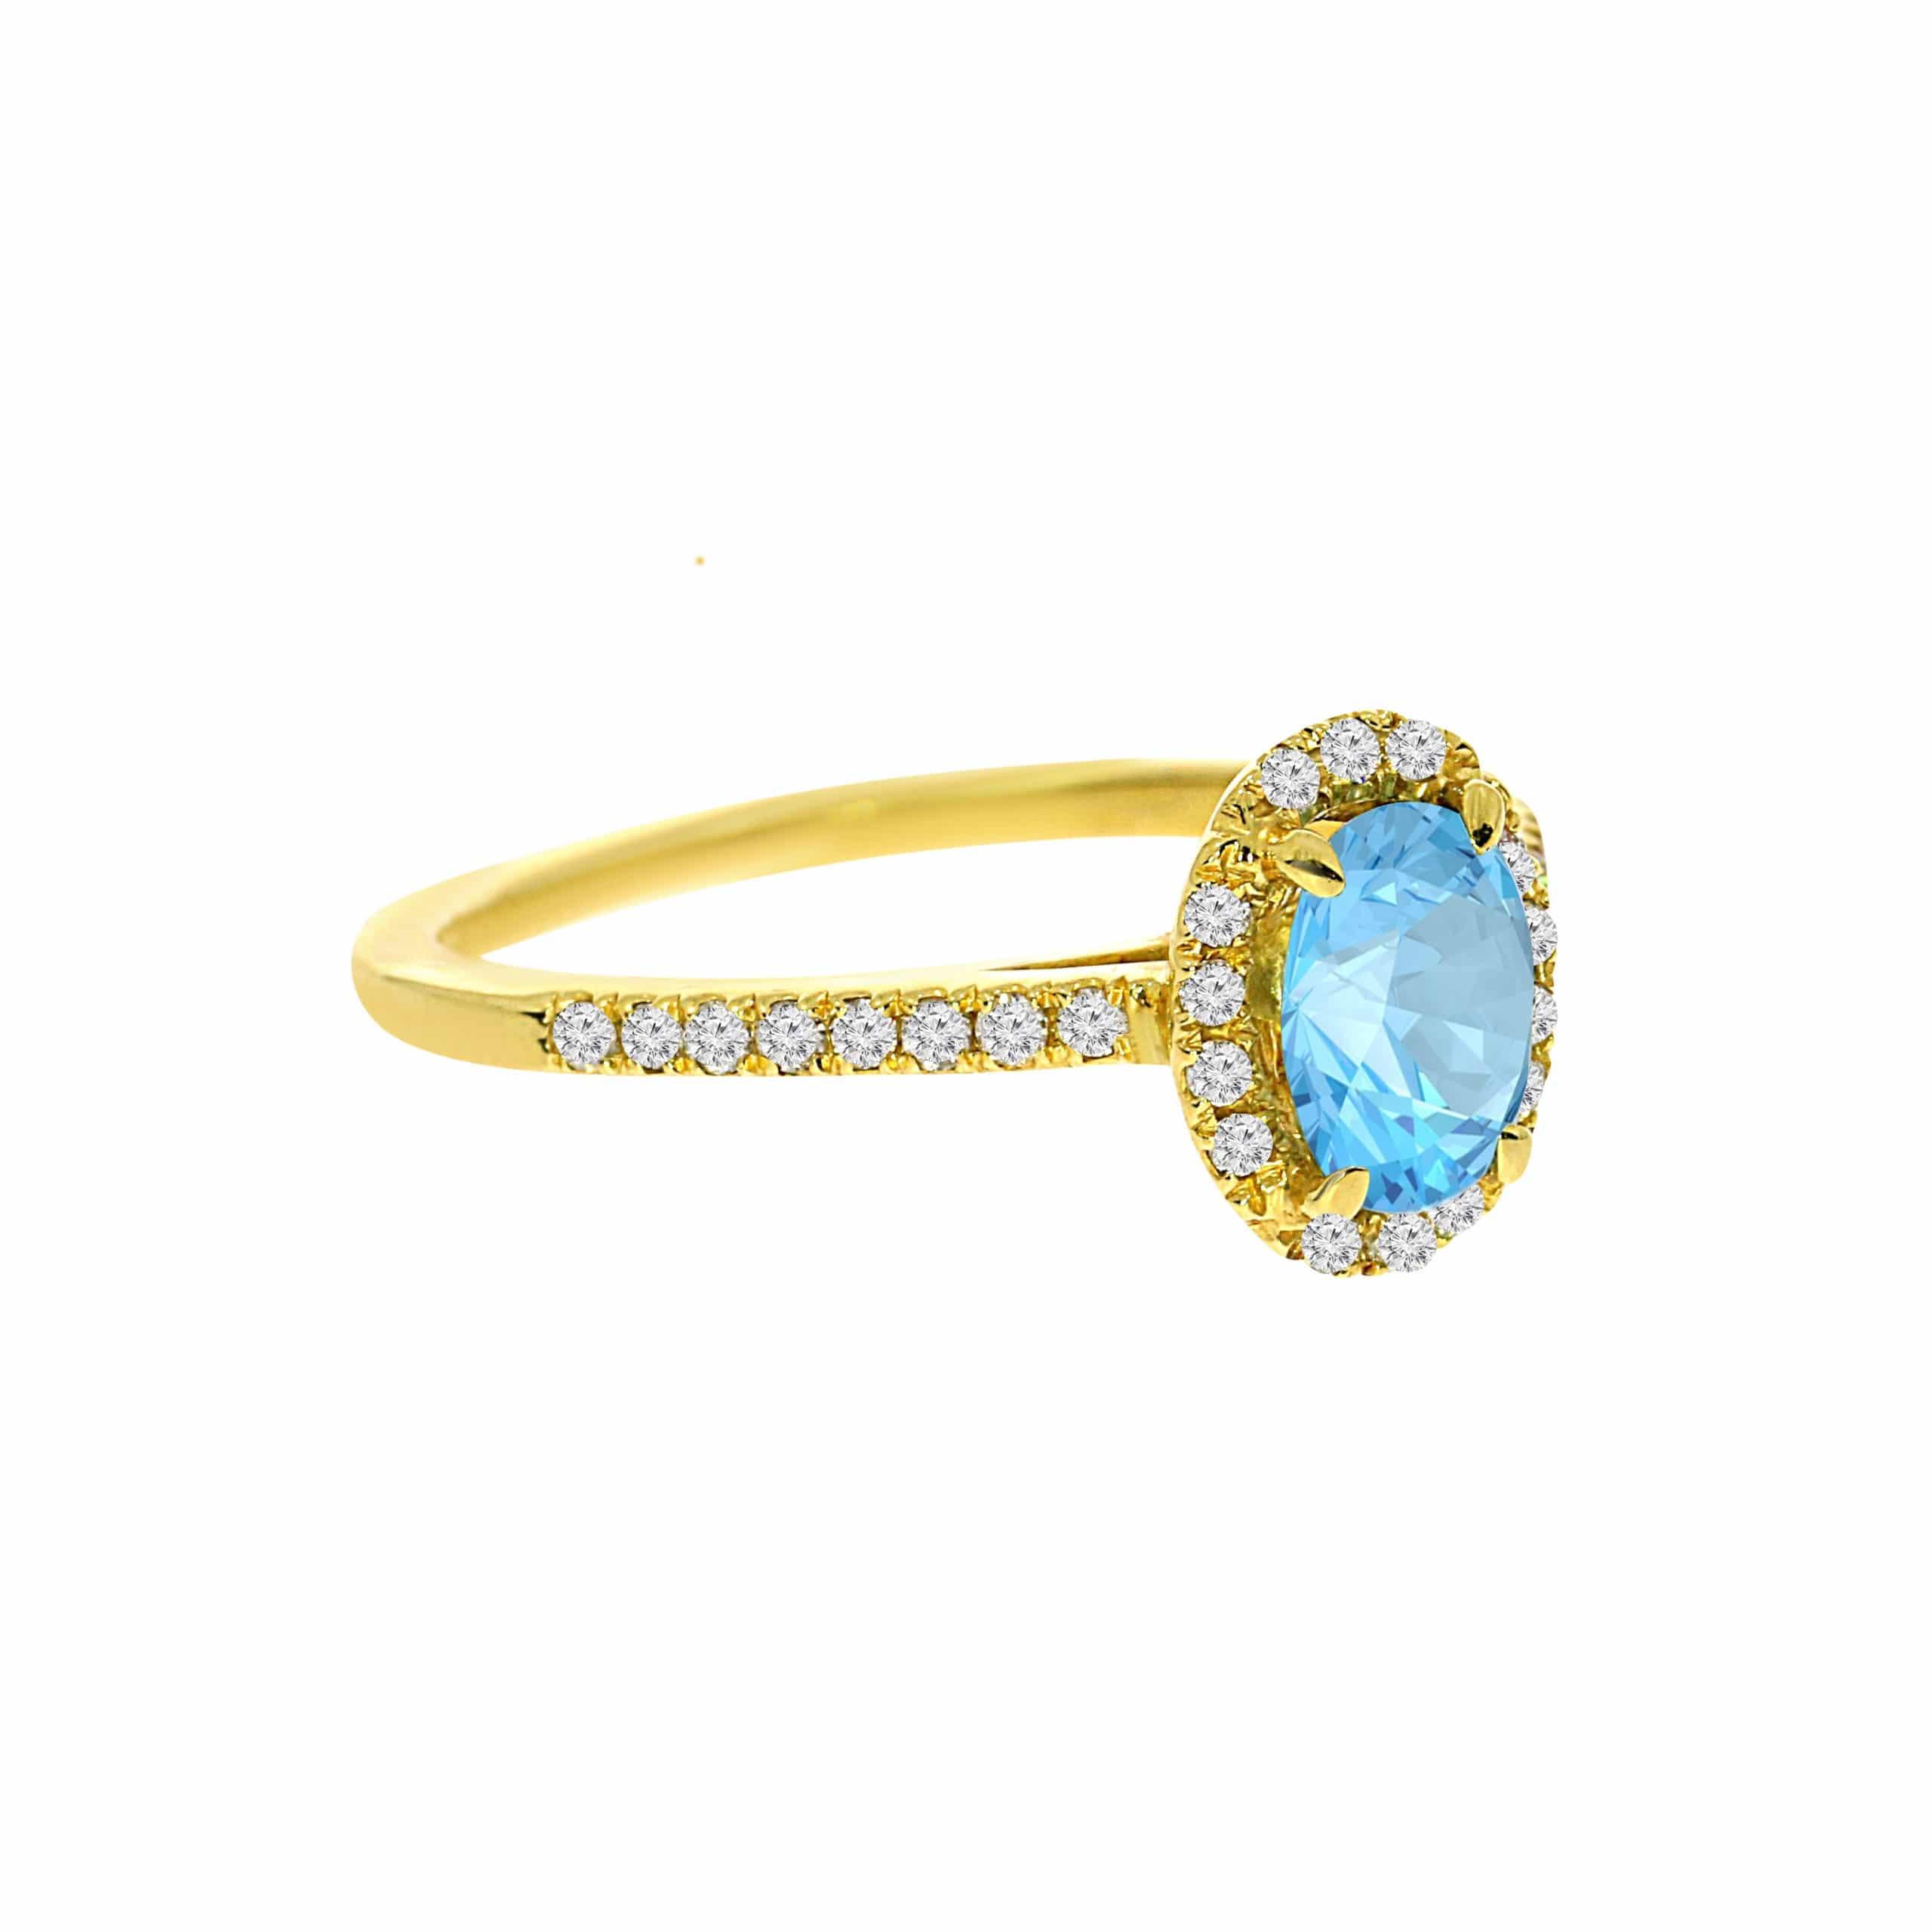 טבעת בלו טופז 0.87 קראט, זהב-צהוב 14 קראט, בשיבוץ 0.22 קראט יהלומים